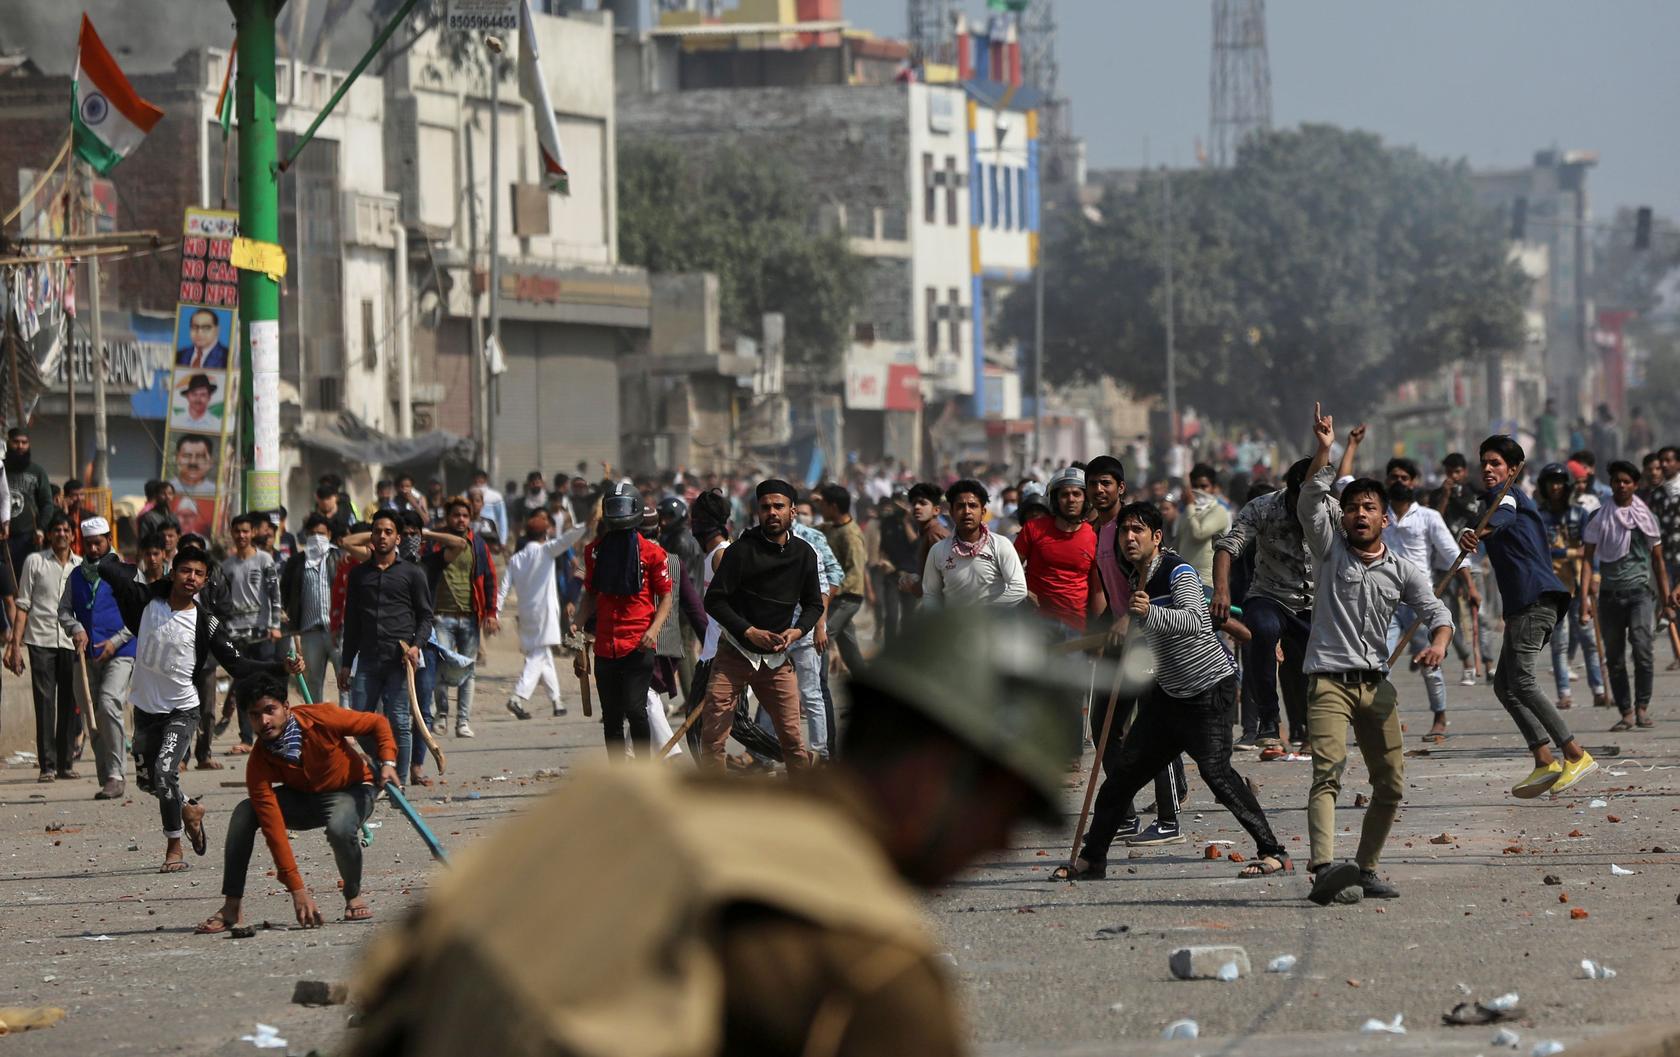 10người chết,150người bị thương sau một vụ bạo lực ở thủ đô Ấn Độ